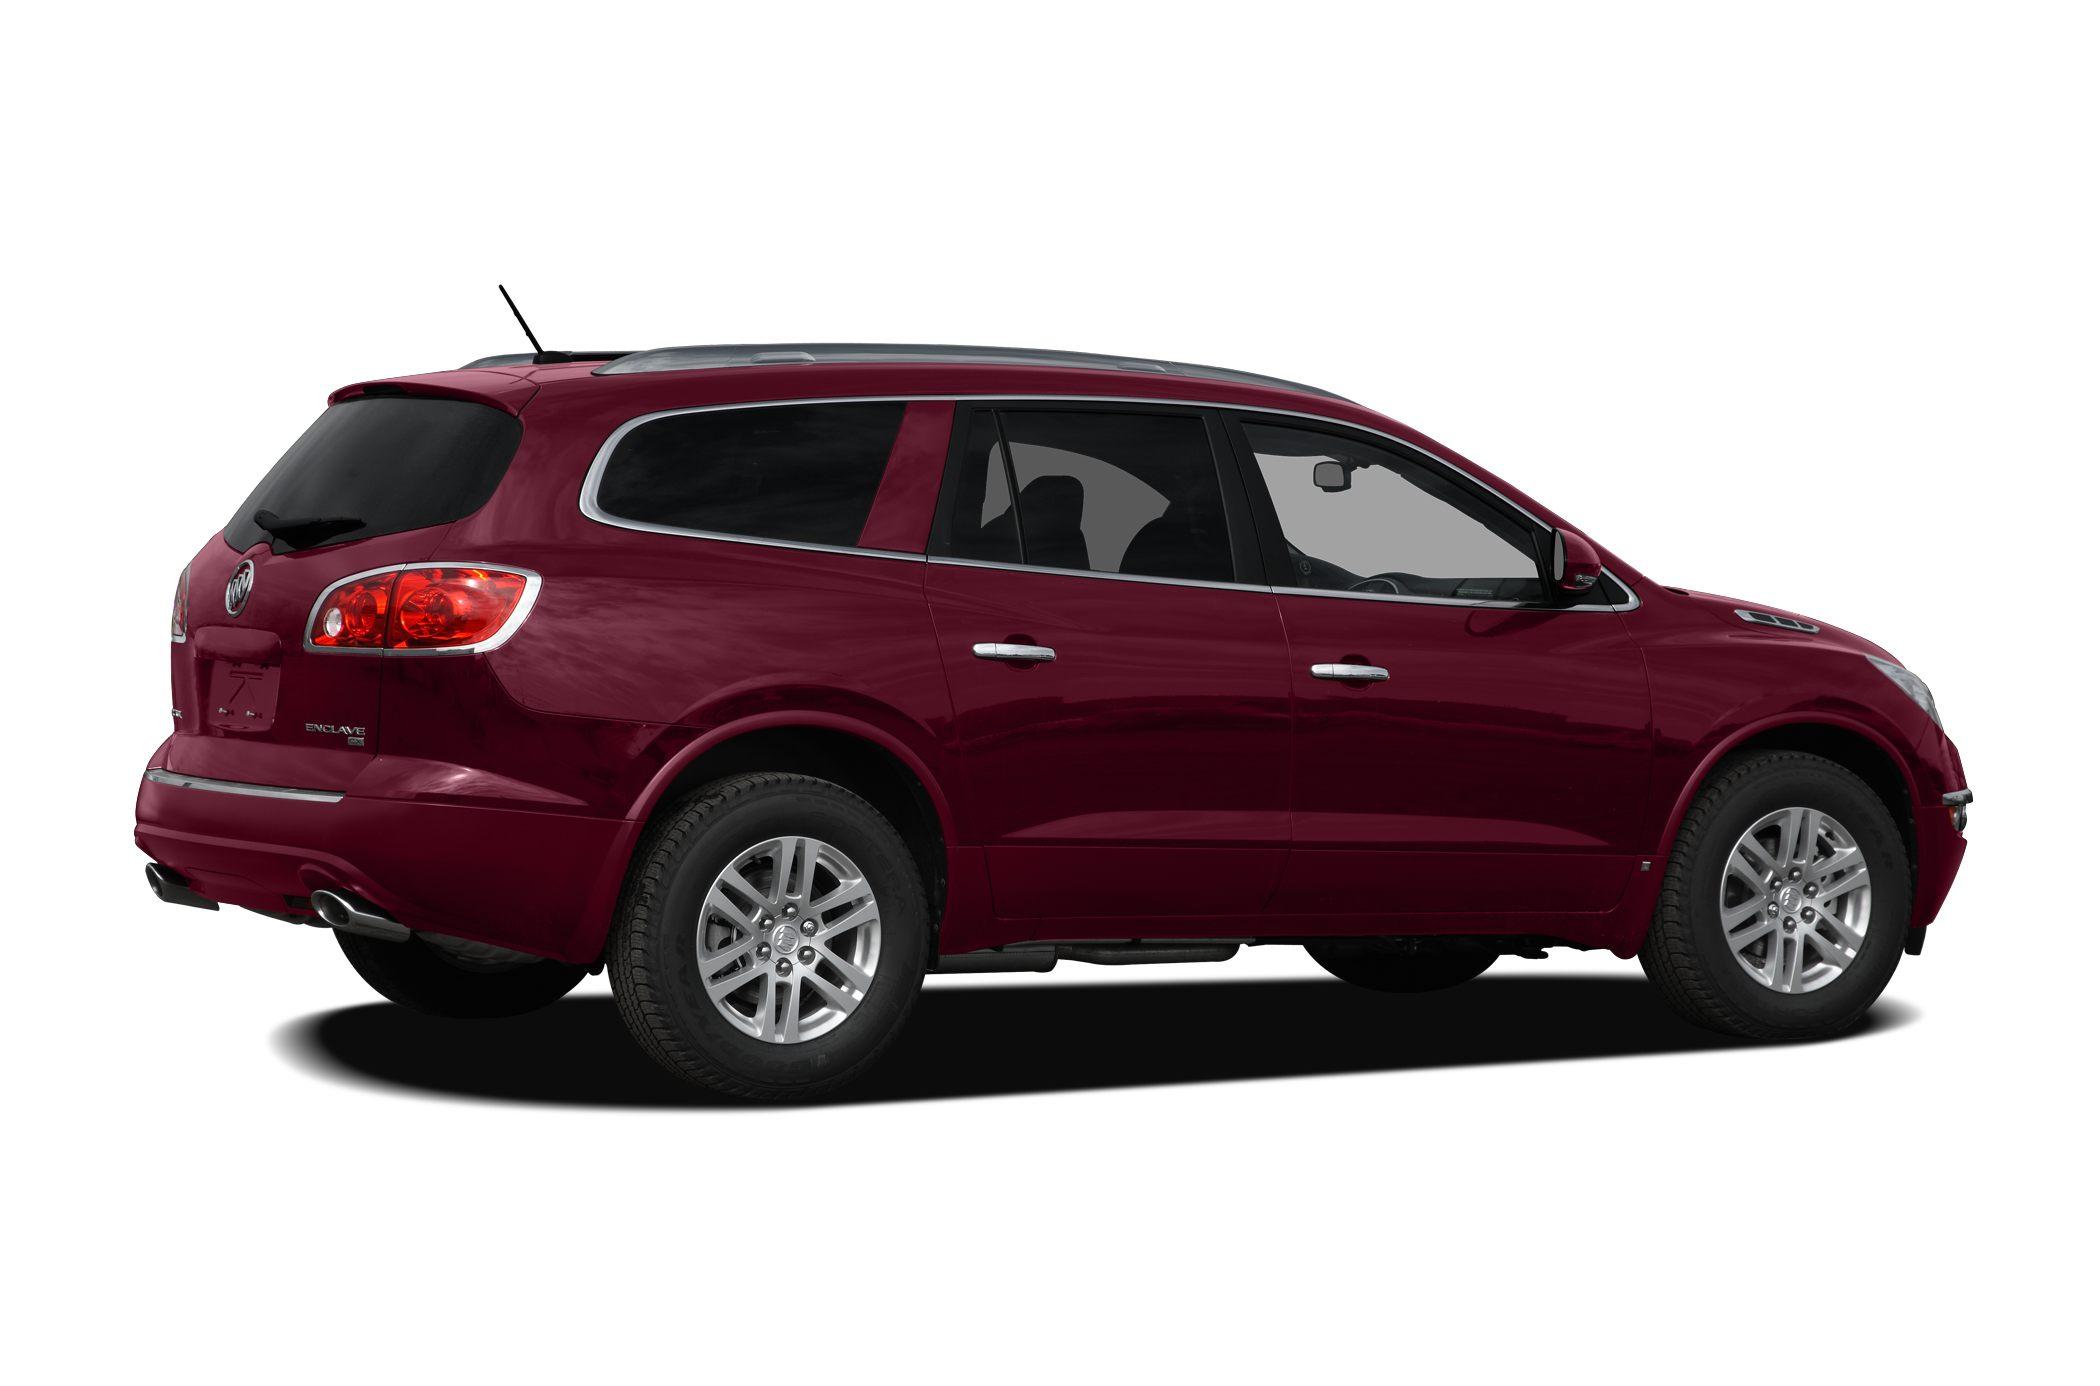 2008 Buick Enclave CX FWD New Price Black 2008 Buick Enclave CX FWD 36L V6 VVT Recent Arrival